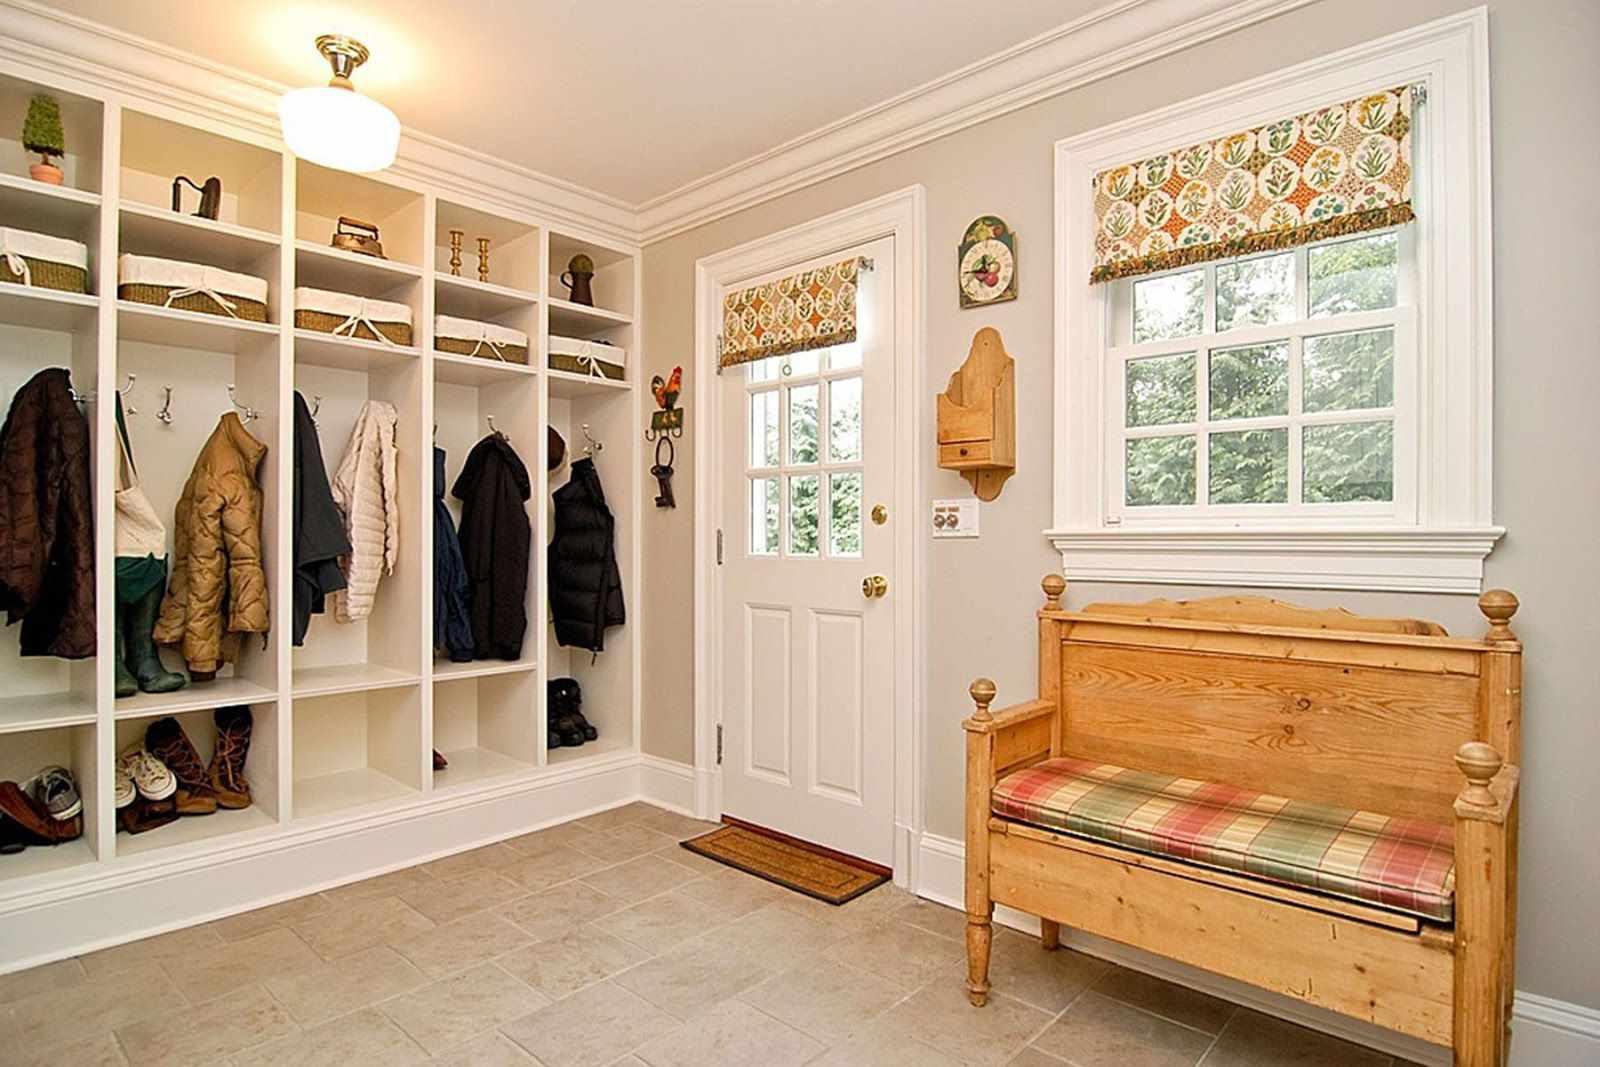 exemple d'un décor insolite du couloir d'une chambre dans une maison privée